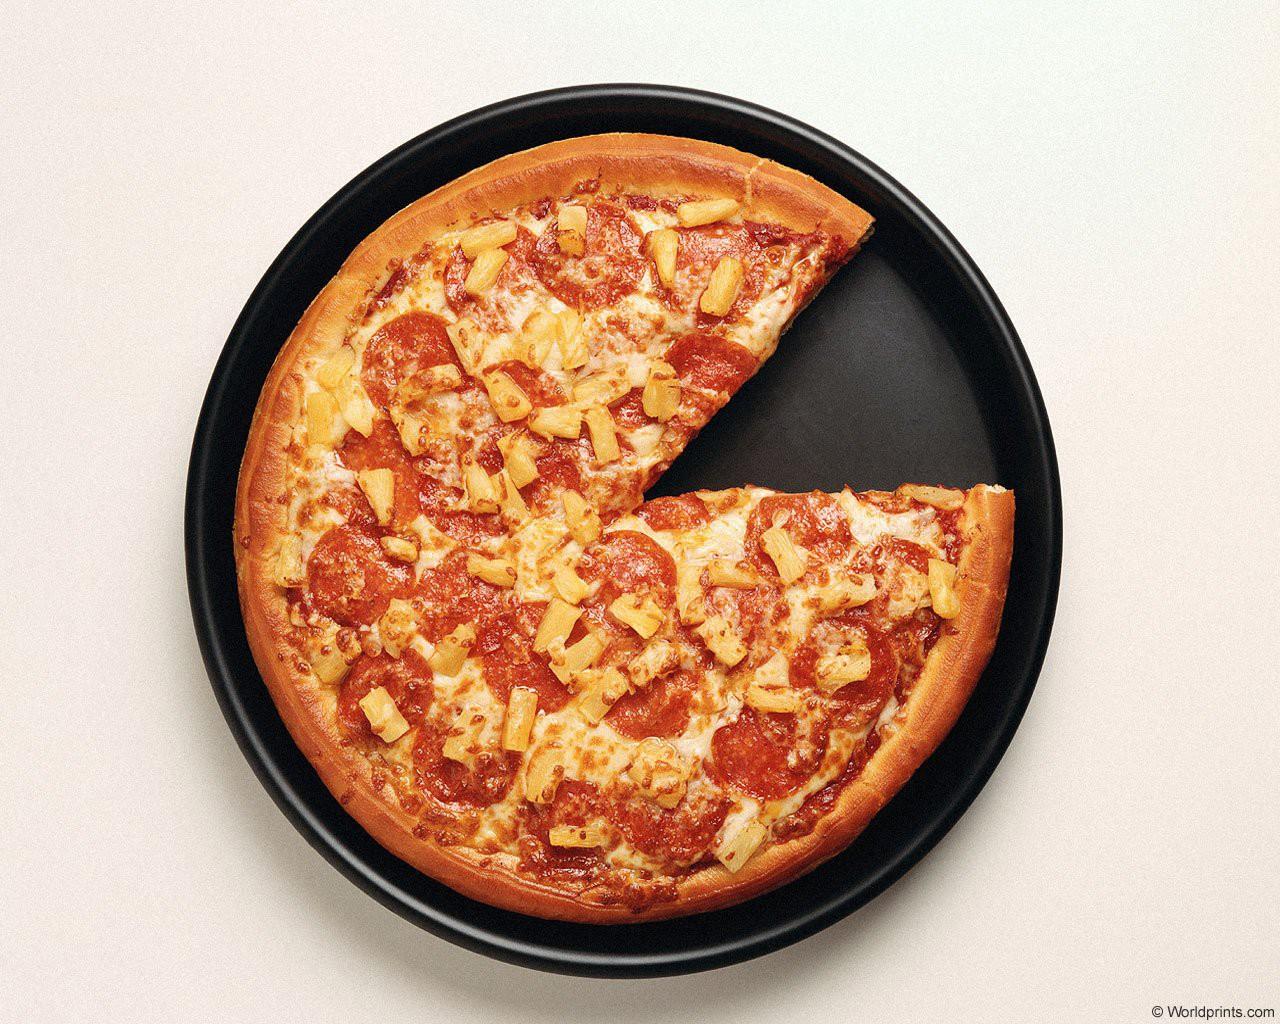 8 место - Пицца еда, жратва, жрать охота, хавчик